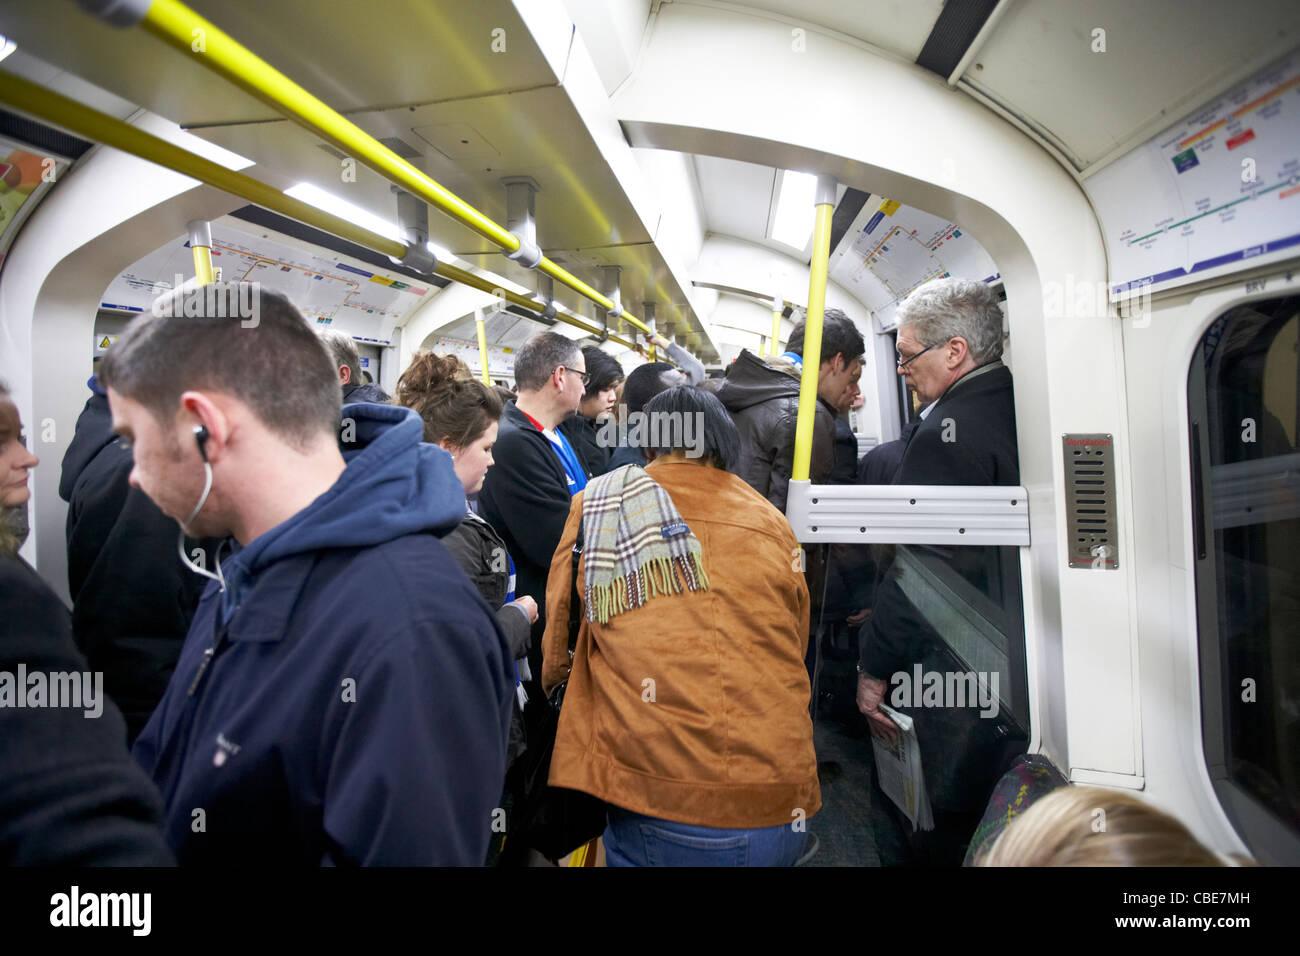 Les gens sur un tube bondé le métro de Londres Angleterre Royaume-Uni Royaume-Uni Photo Stock